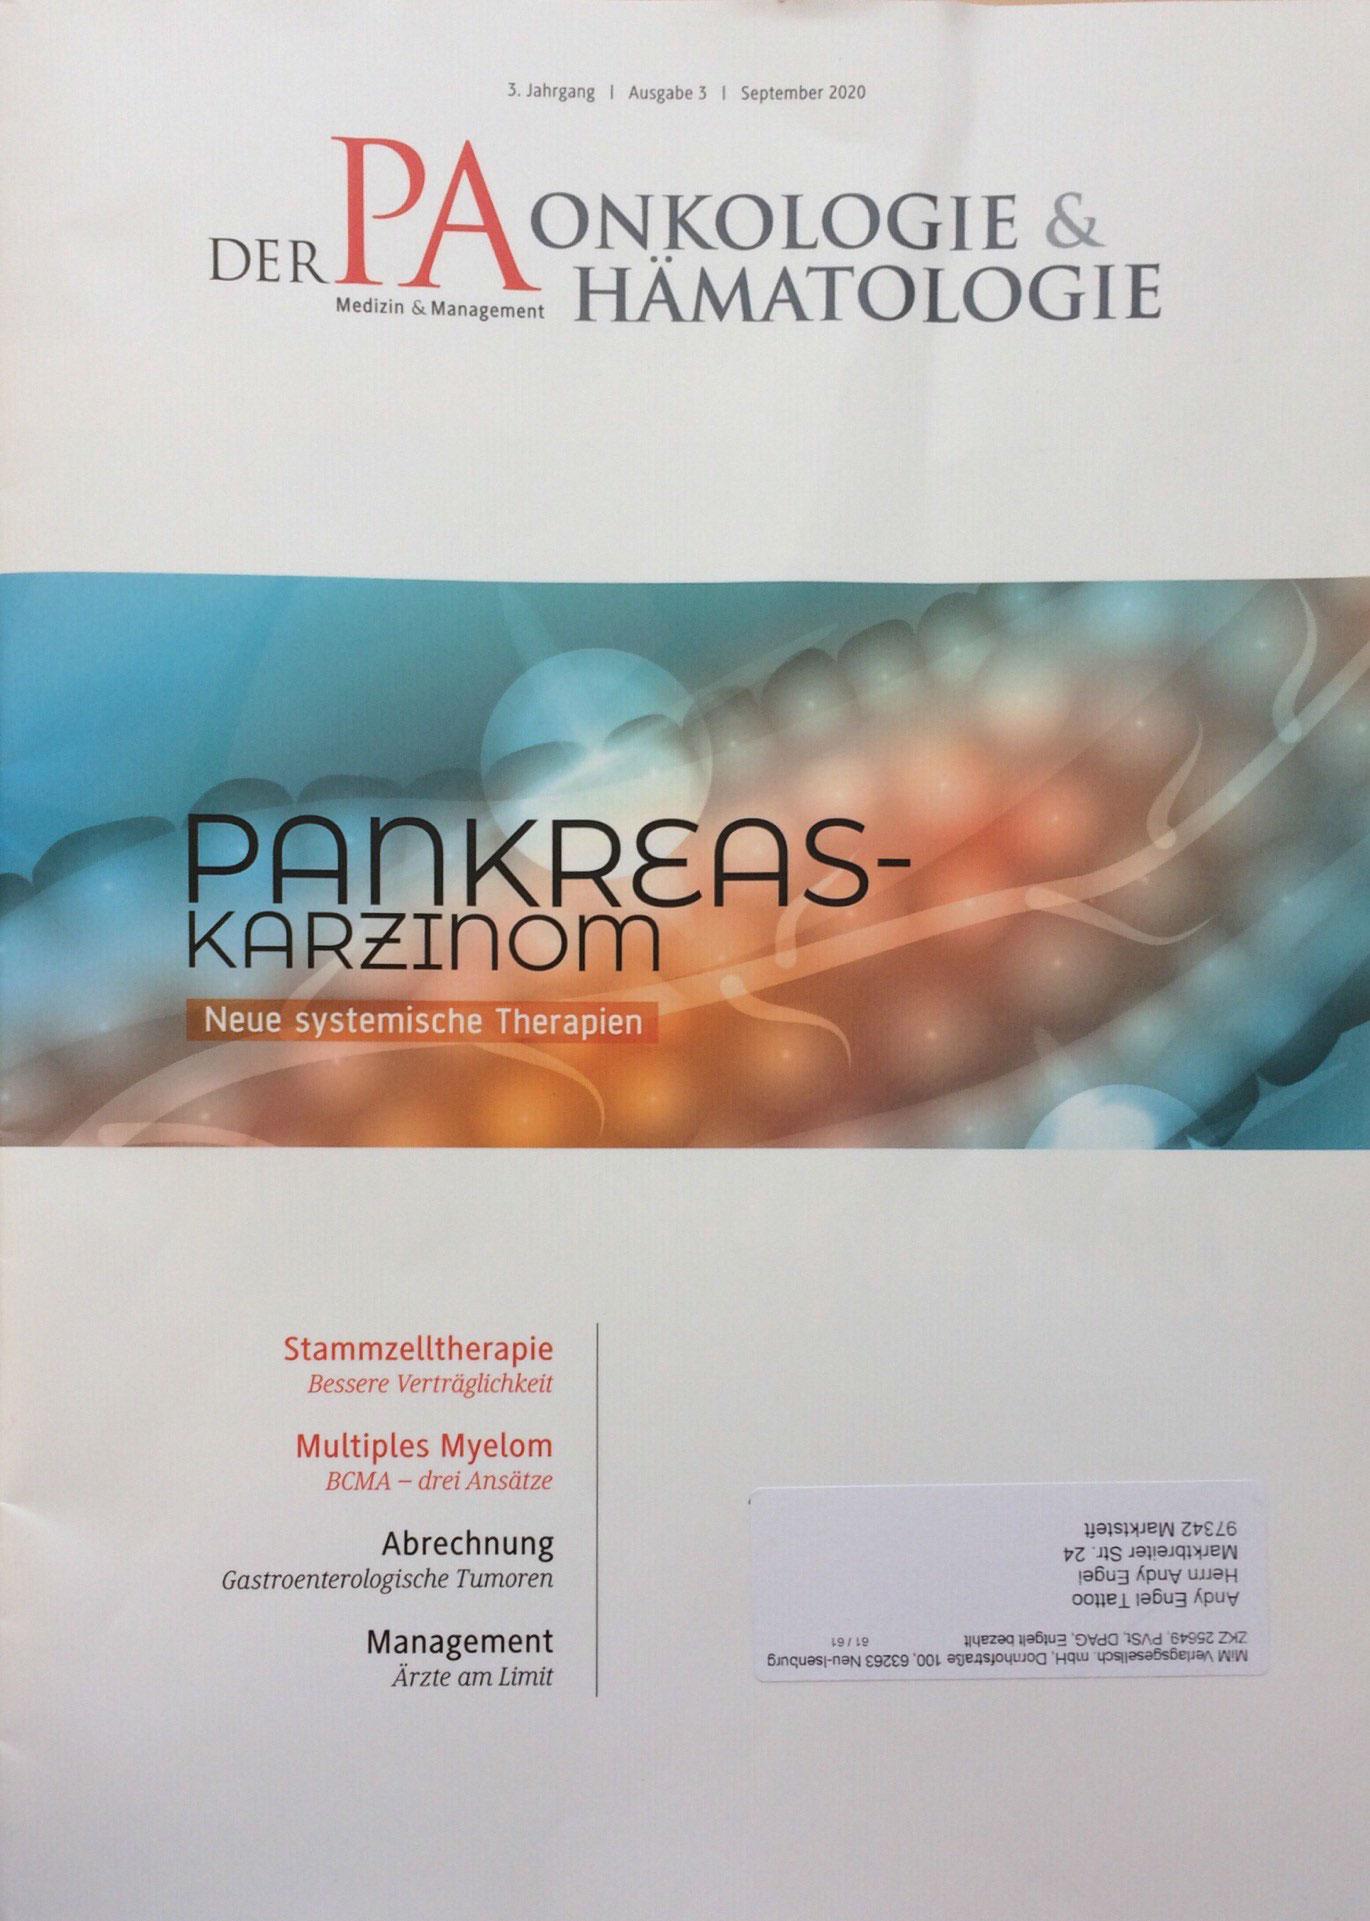 Zeitschrift - Der PA Onkologie & Hämatologie, Ausgabe 3, September 2020